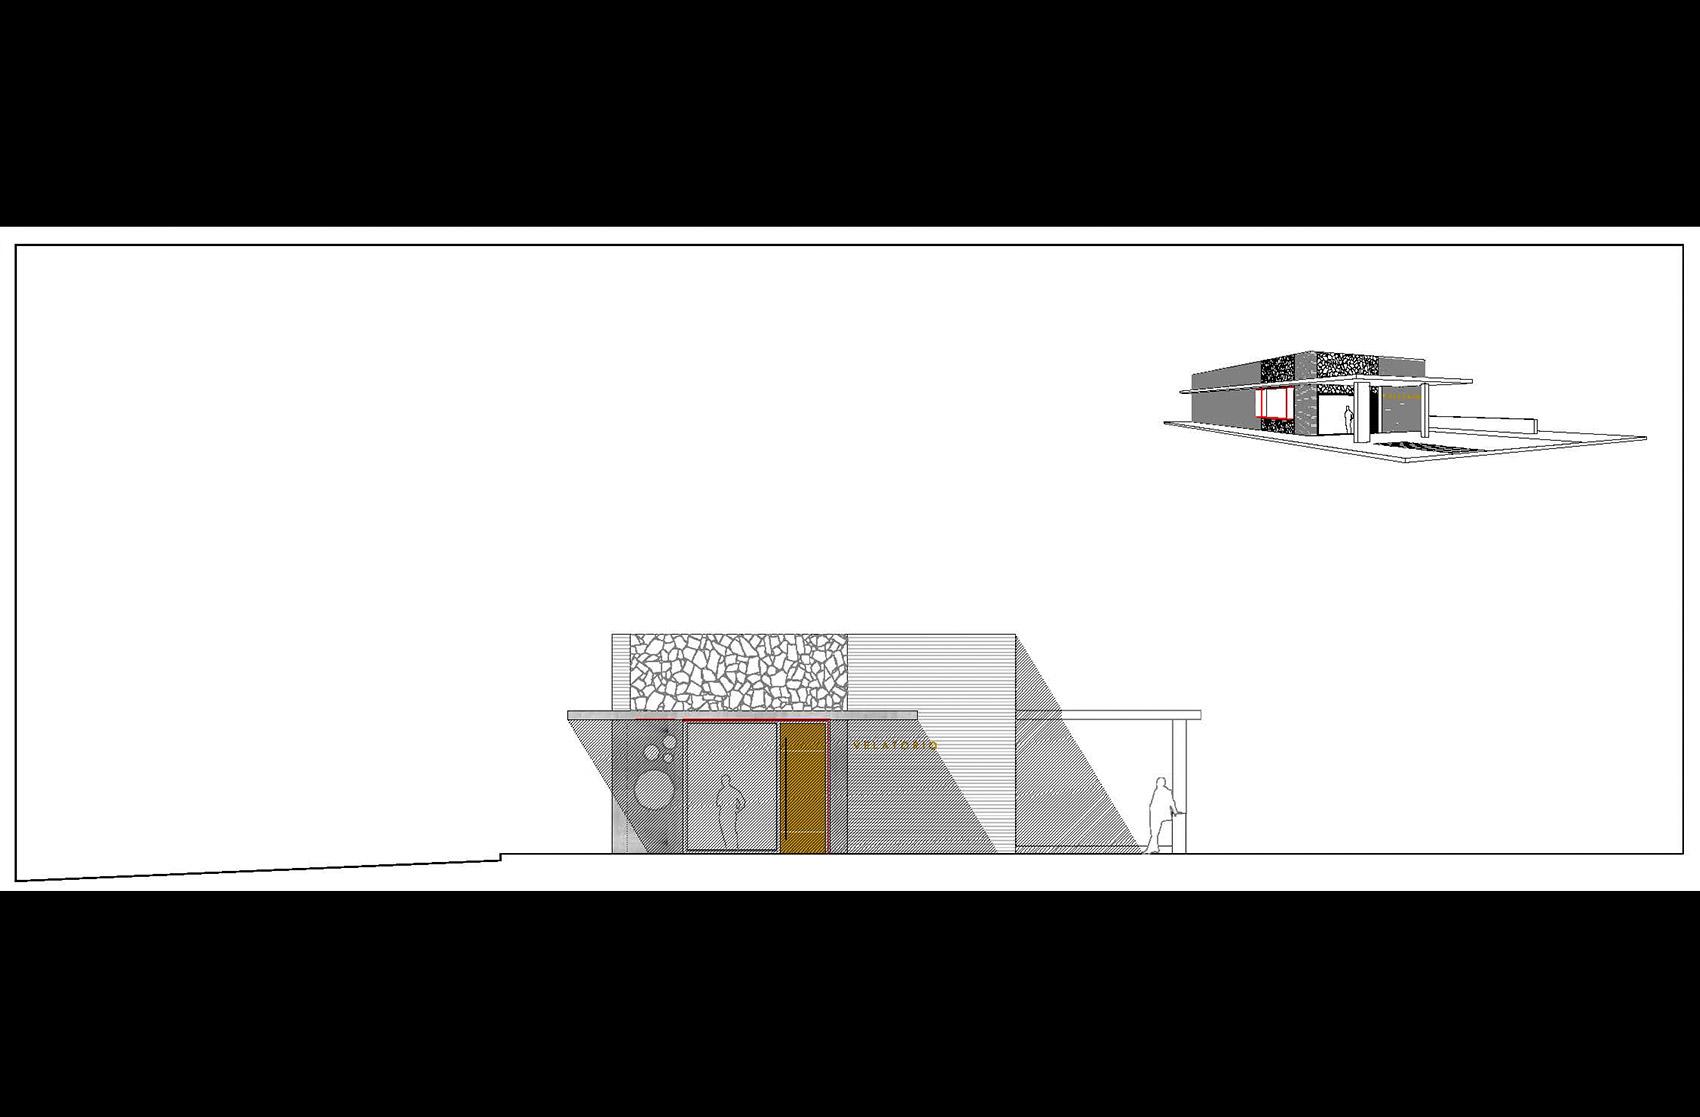 Plano Velatorio Navas de San Antonio